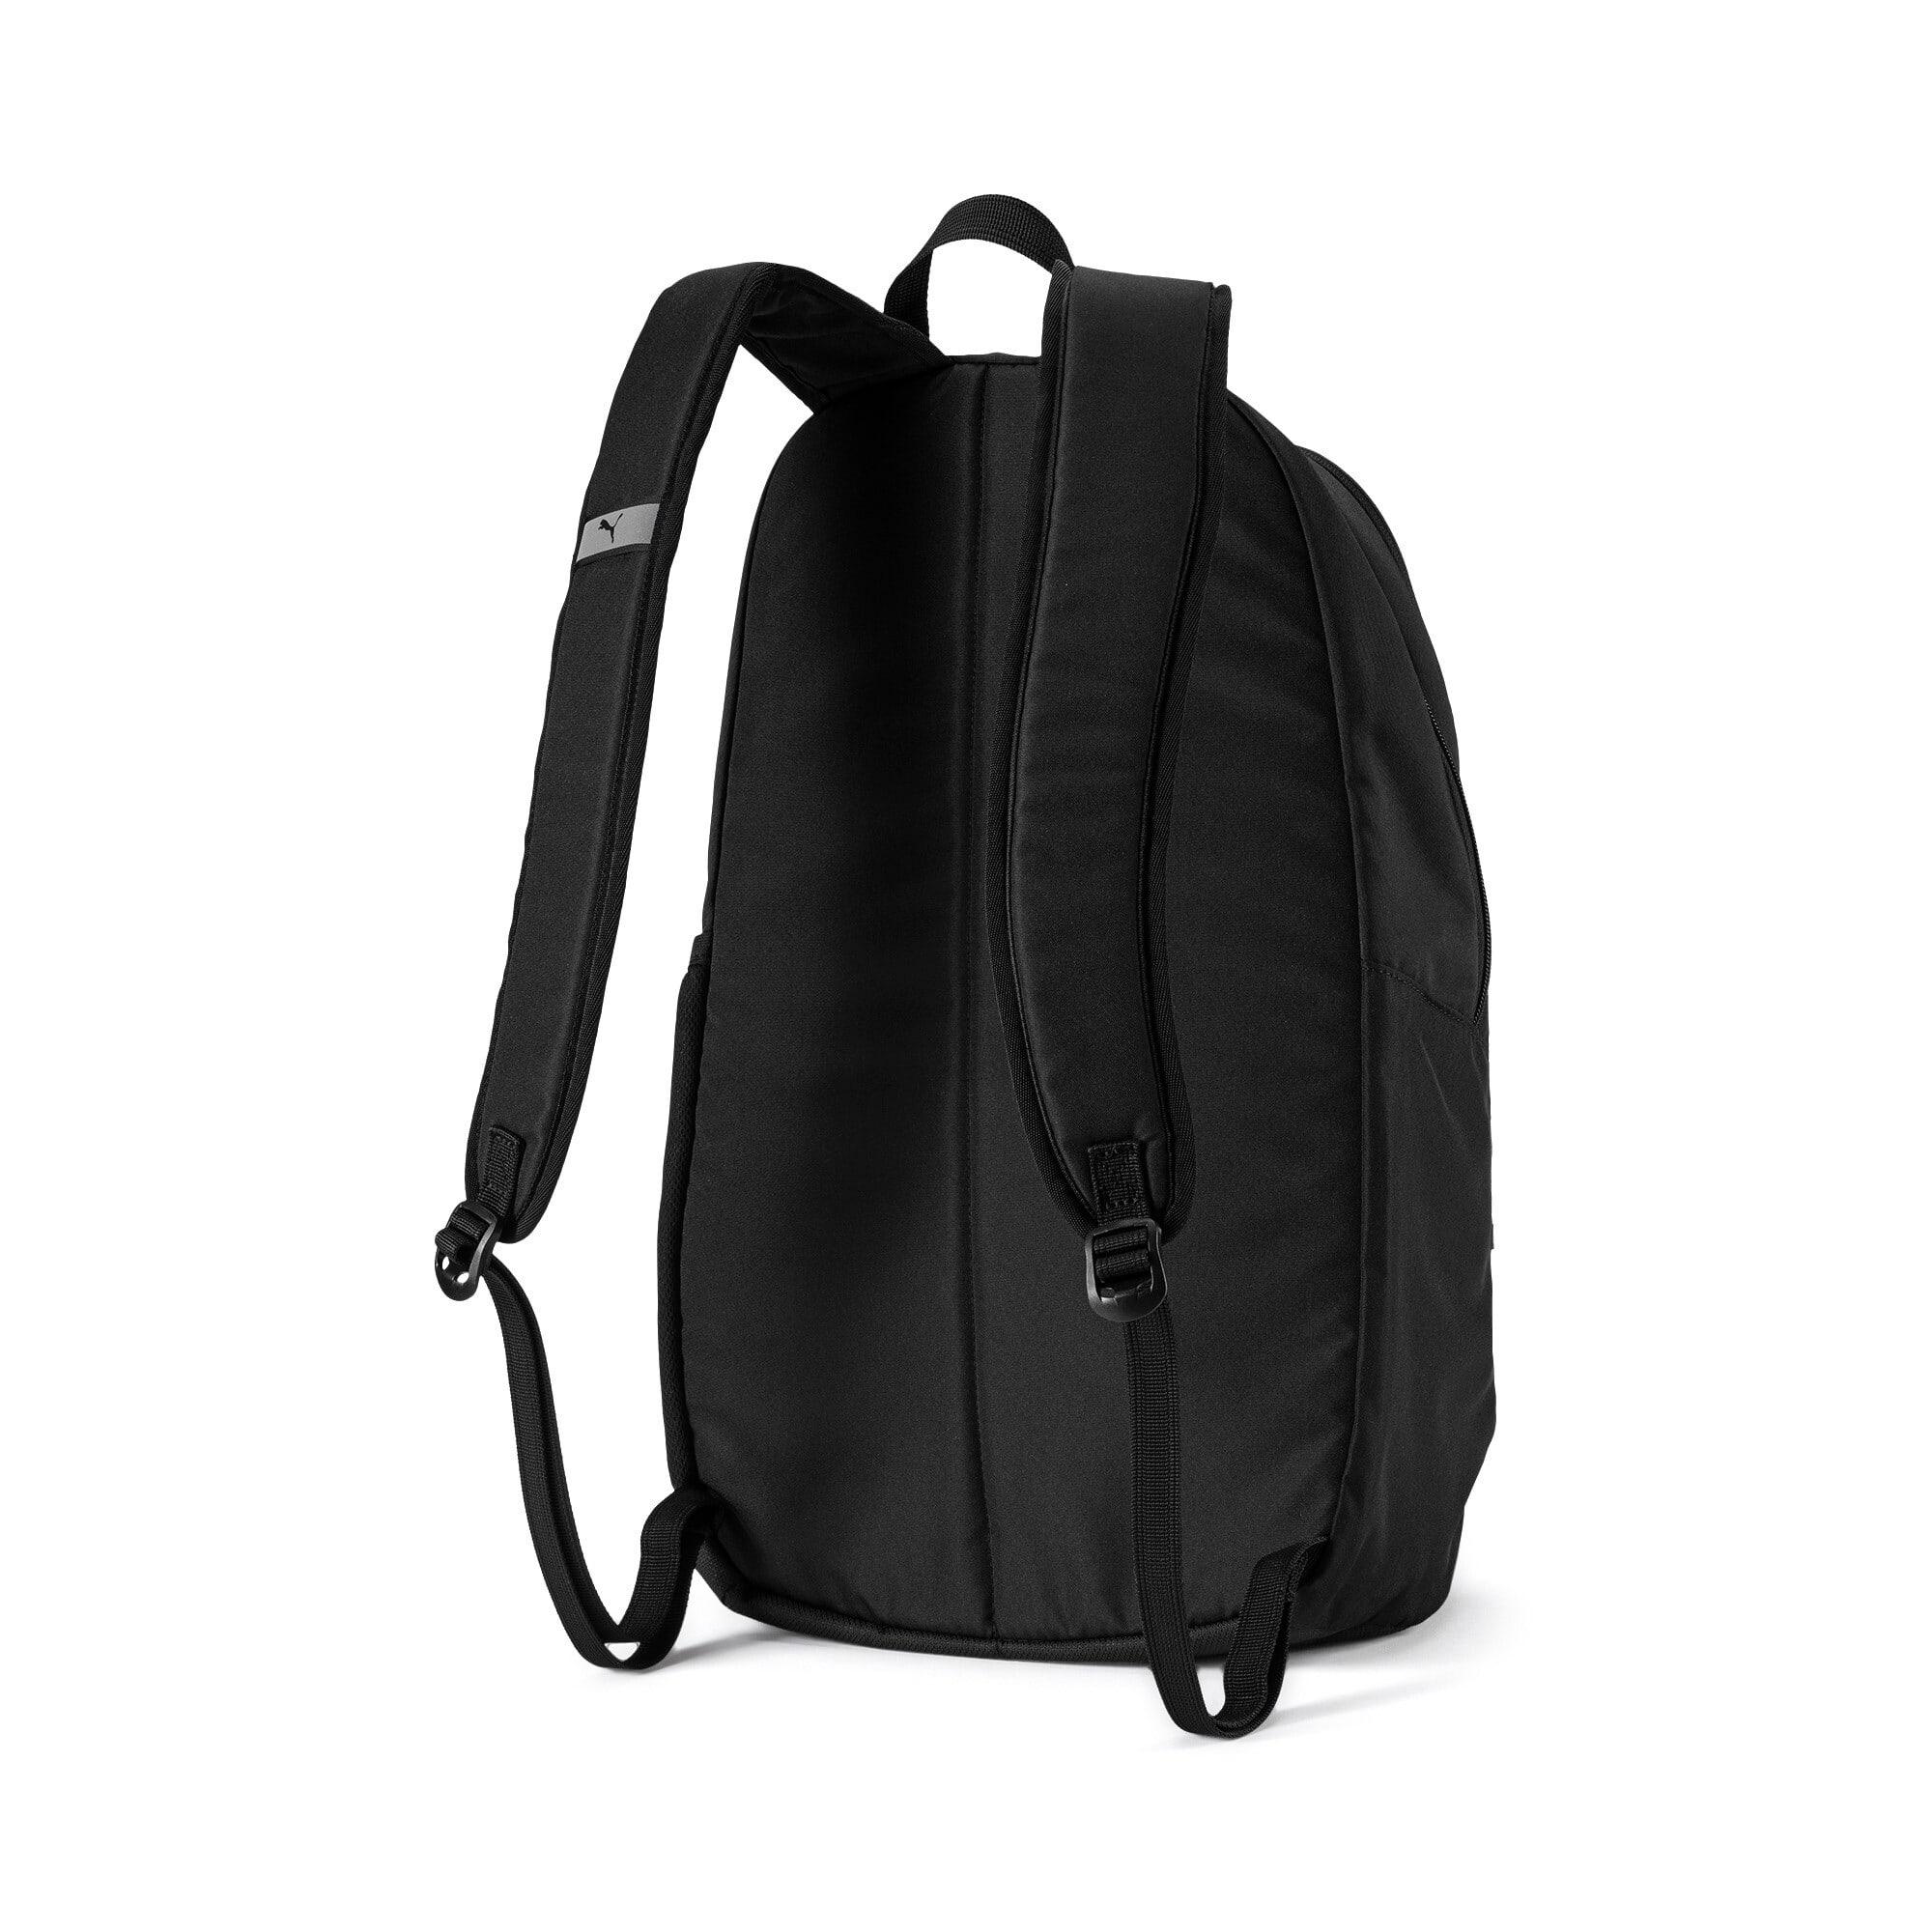 Thumbnail 2 of Ferrari Fanwear Backpack, Puma Black, medium